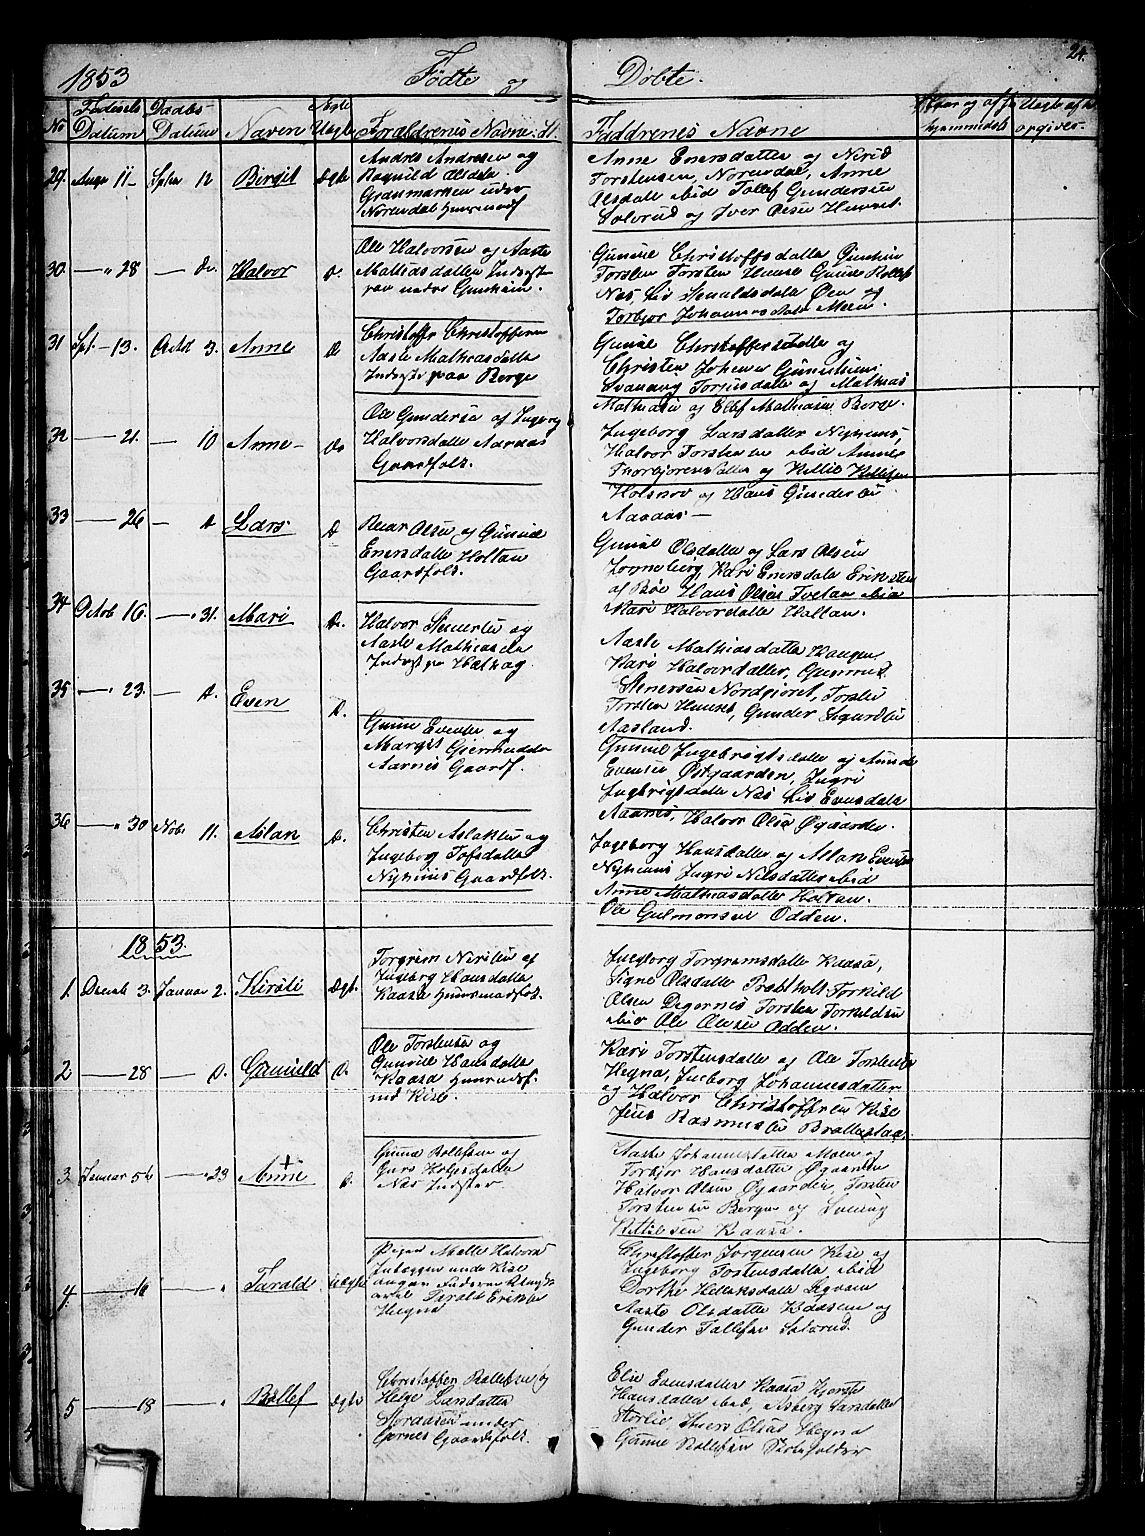 SAKO, Sauherad kirkebøker, G/Gb/L0001: Klokkerbok nr. II 1, 1845-1865, s. 24